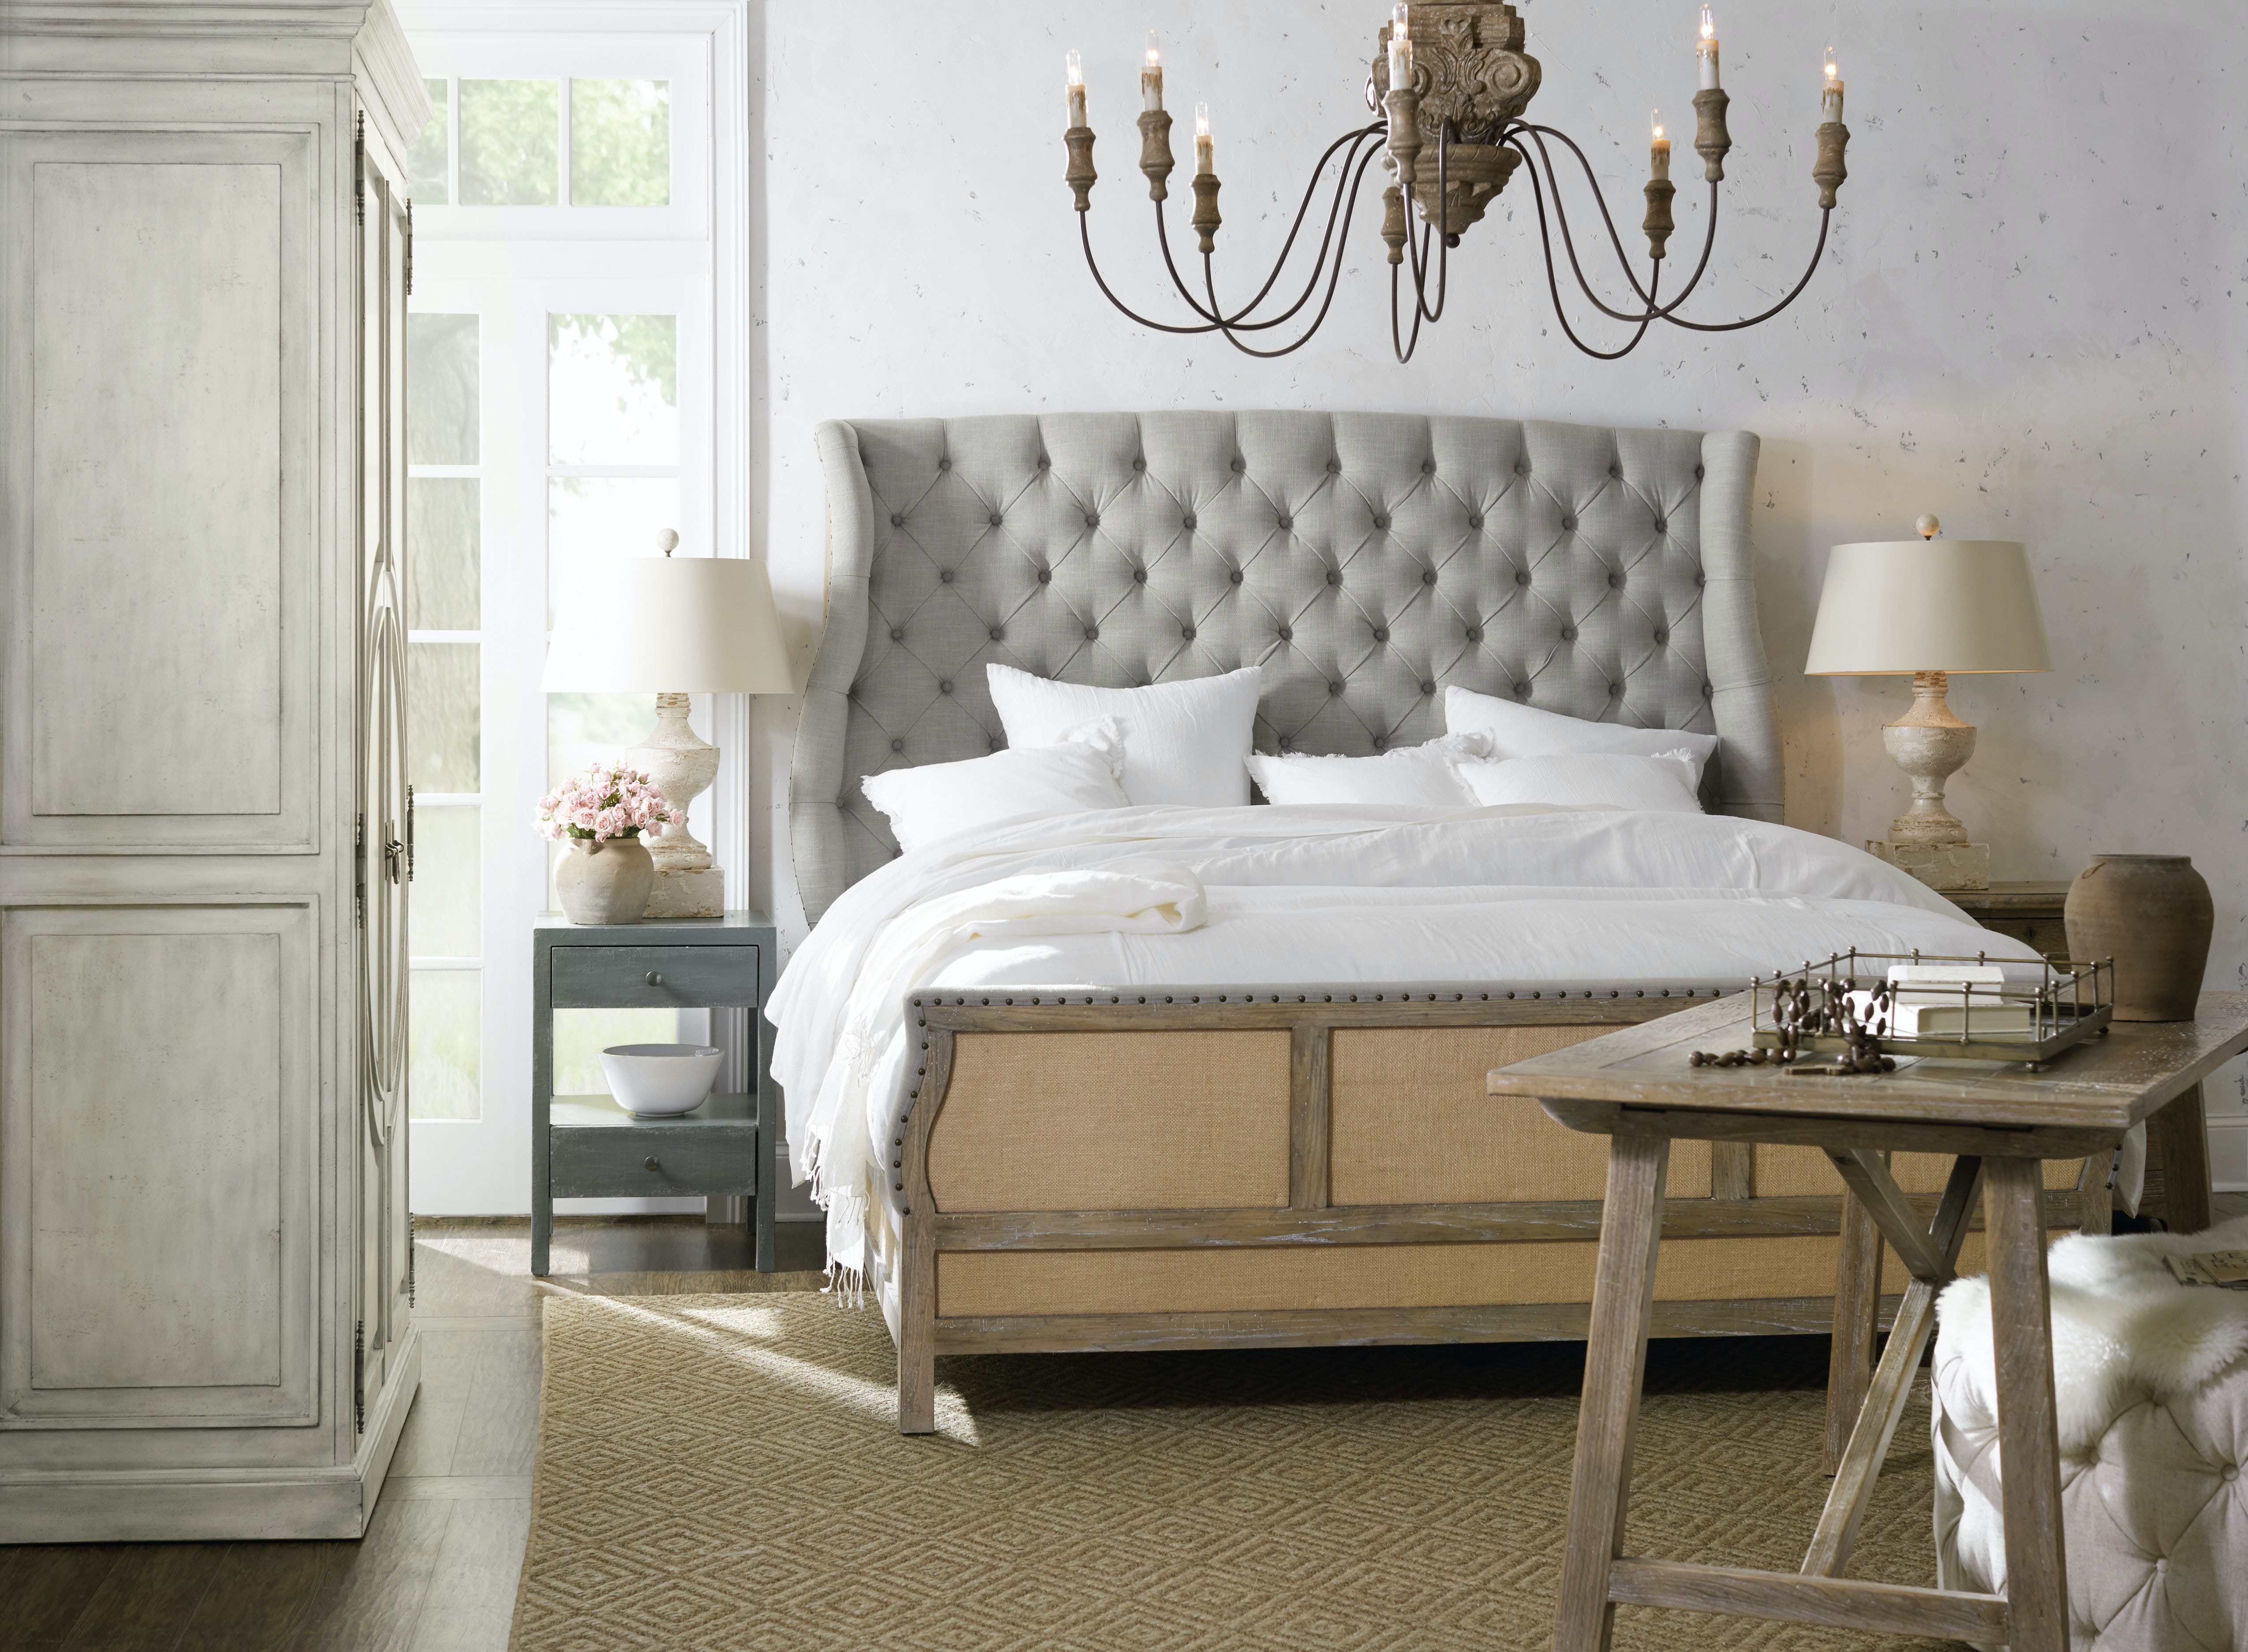 hooker furniture stoney bedroomblock creek hamilton manufacturers bedroom toronto at